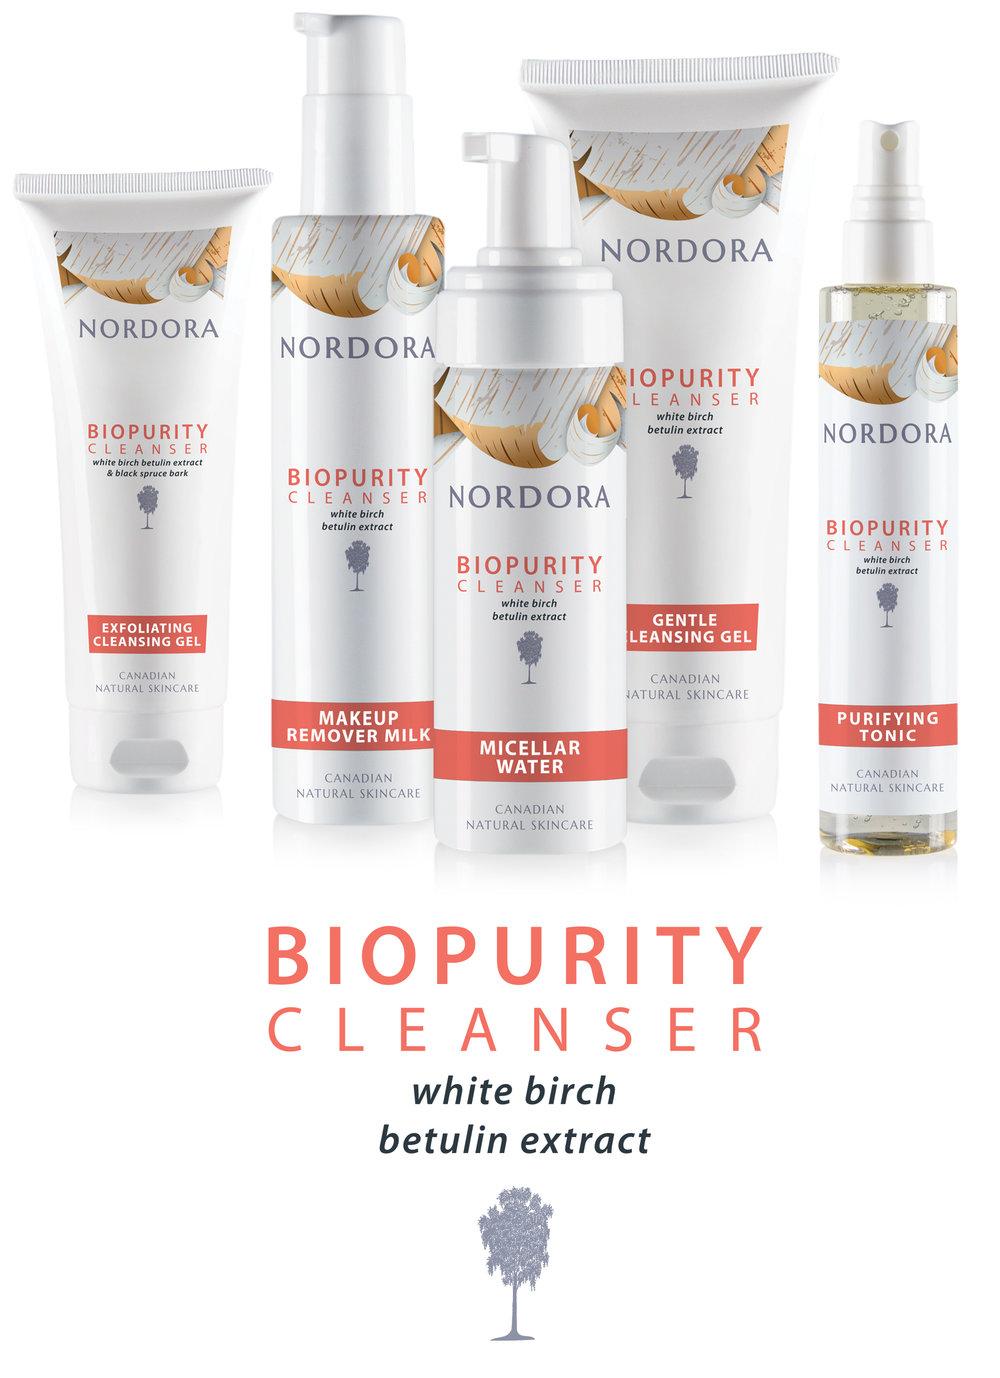 Nordora_BioPurity_GroupShot_EN.jpg